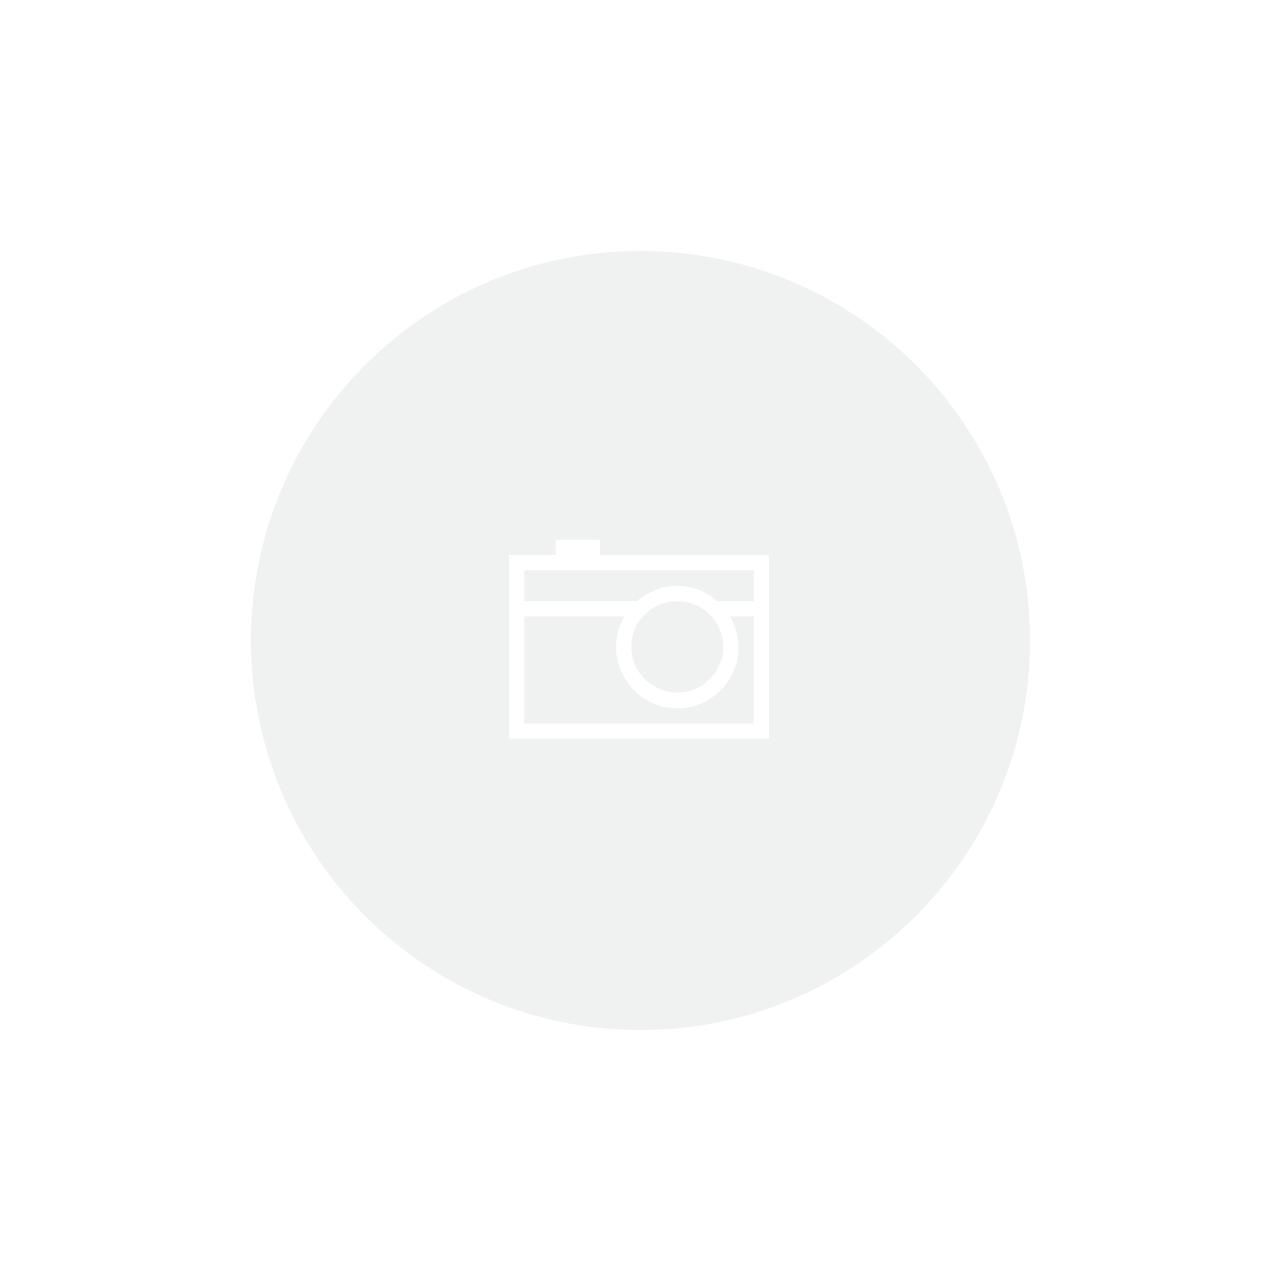 Fone de Ouvido Oex Colorhit Com Microfone Fn-203 Laranja/preto